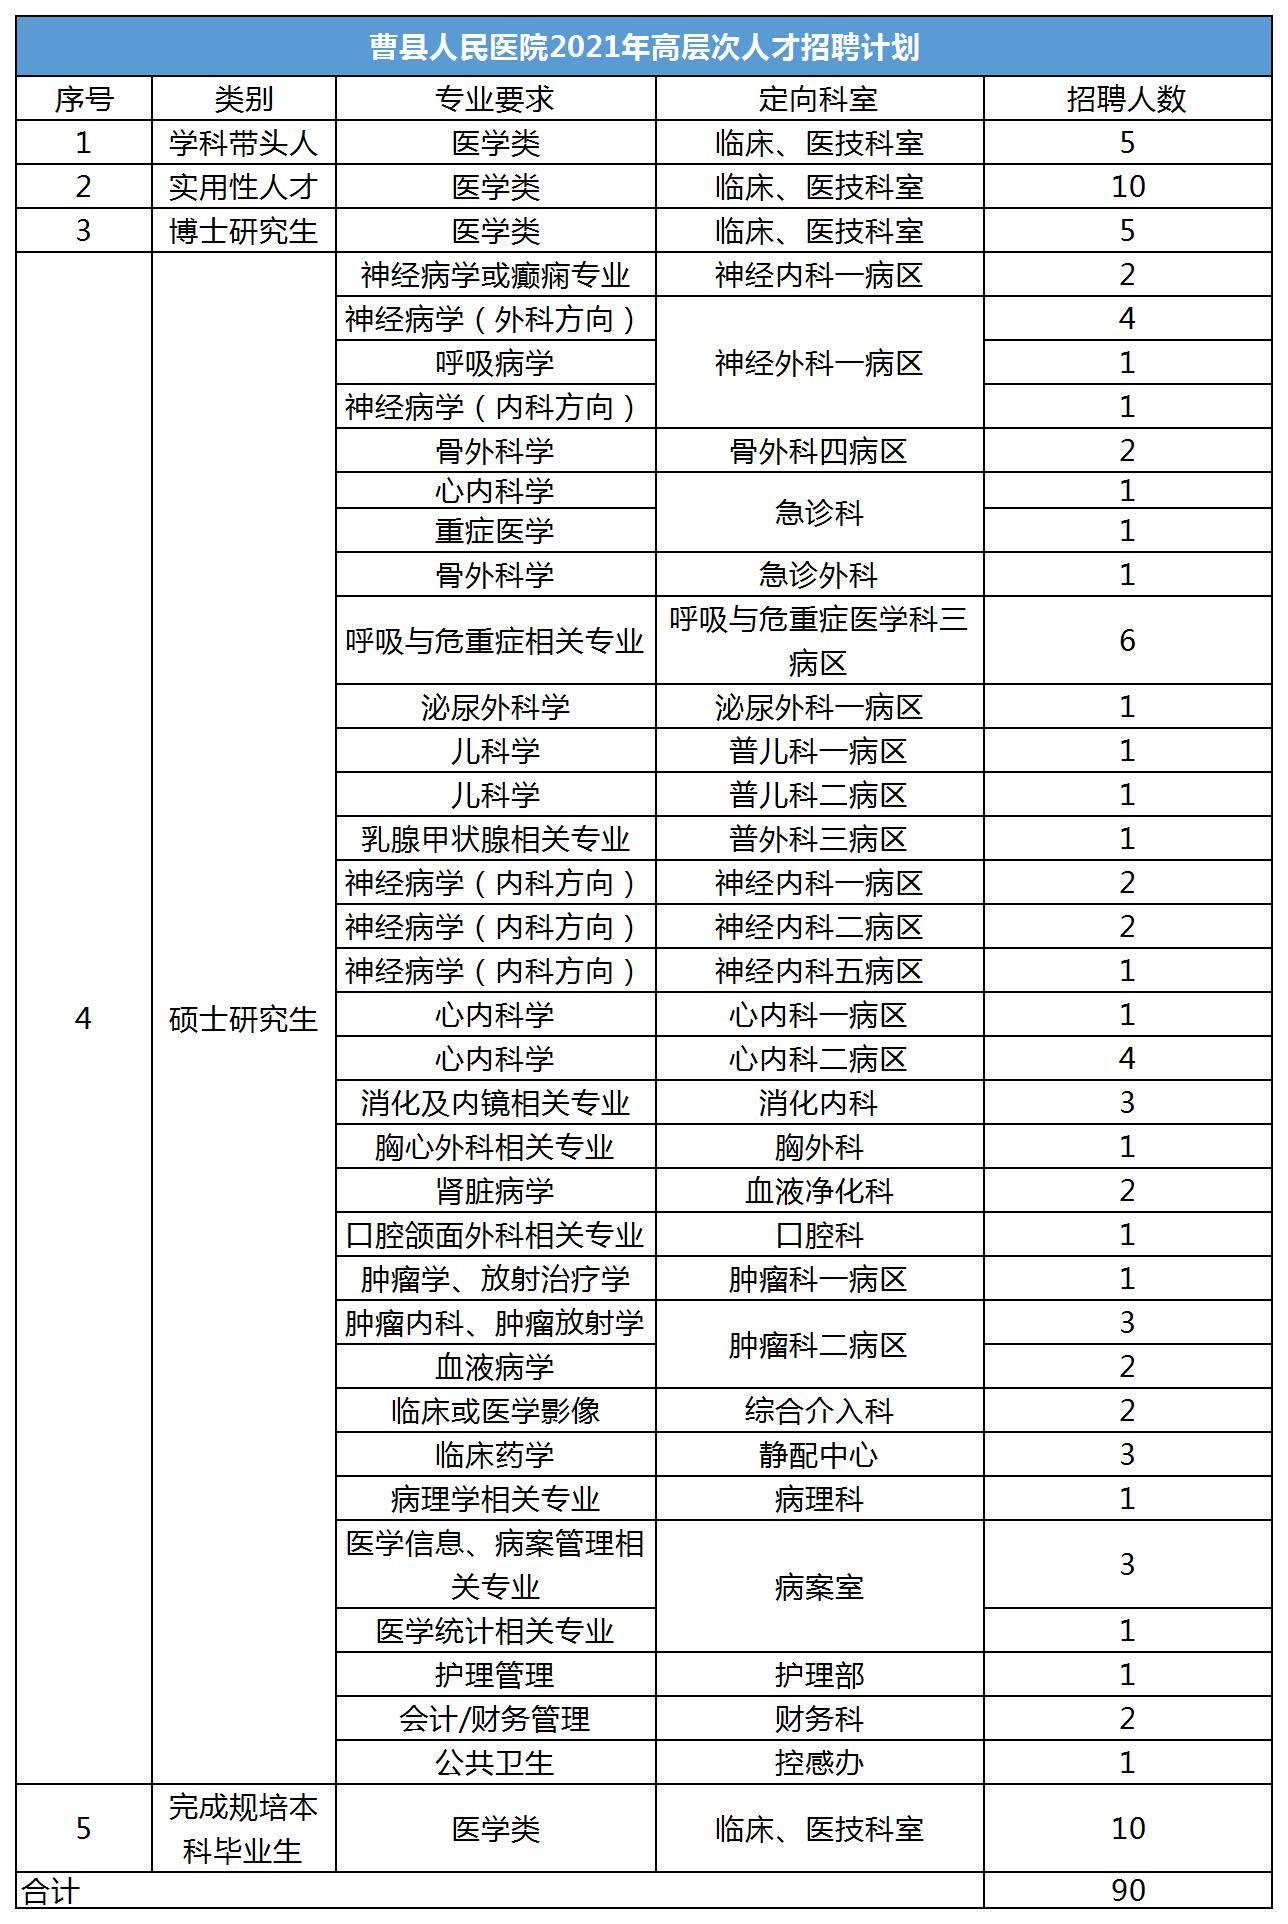 2021年菏泽曹县人民医院高层次人才招聘90人